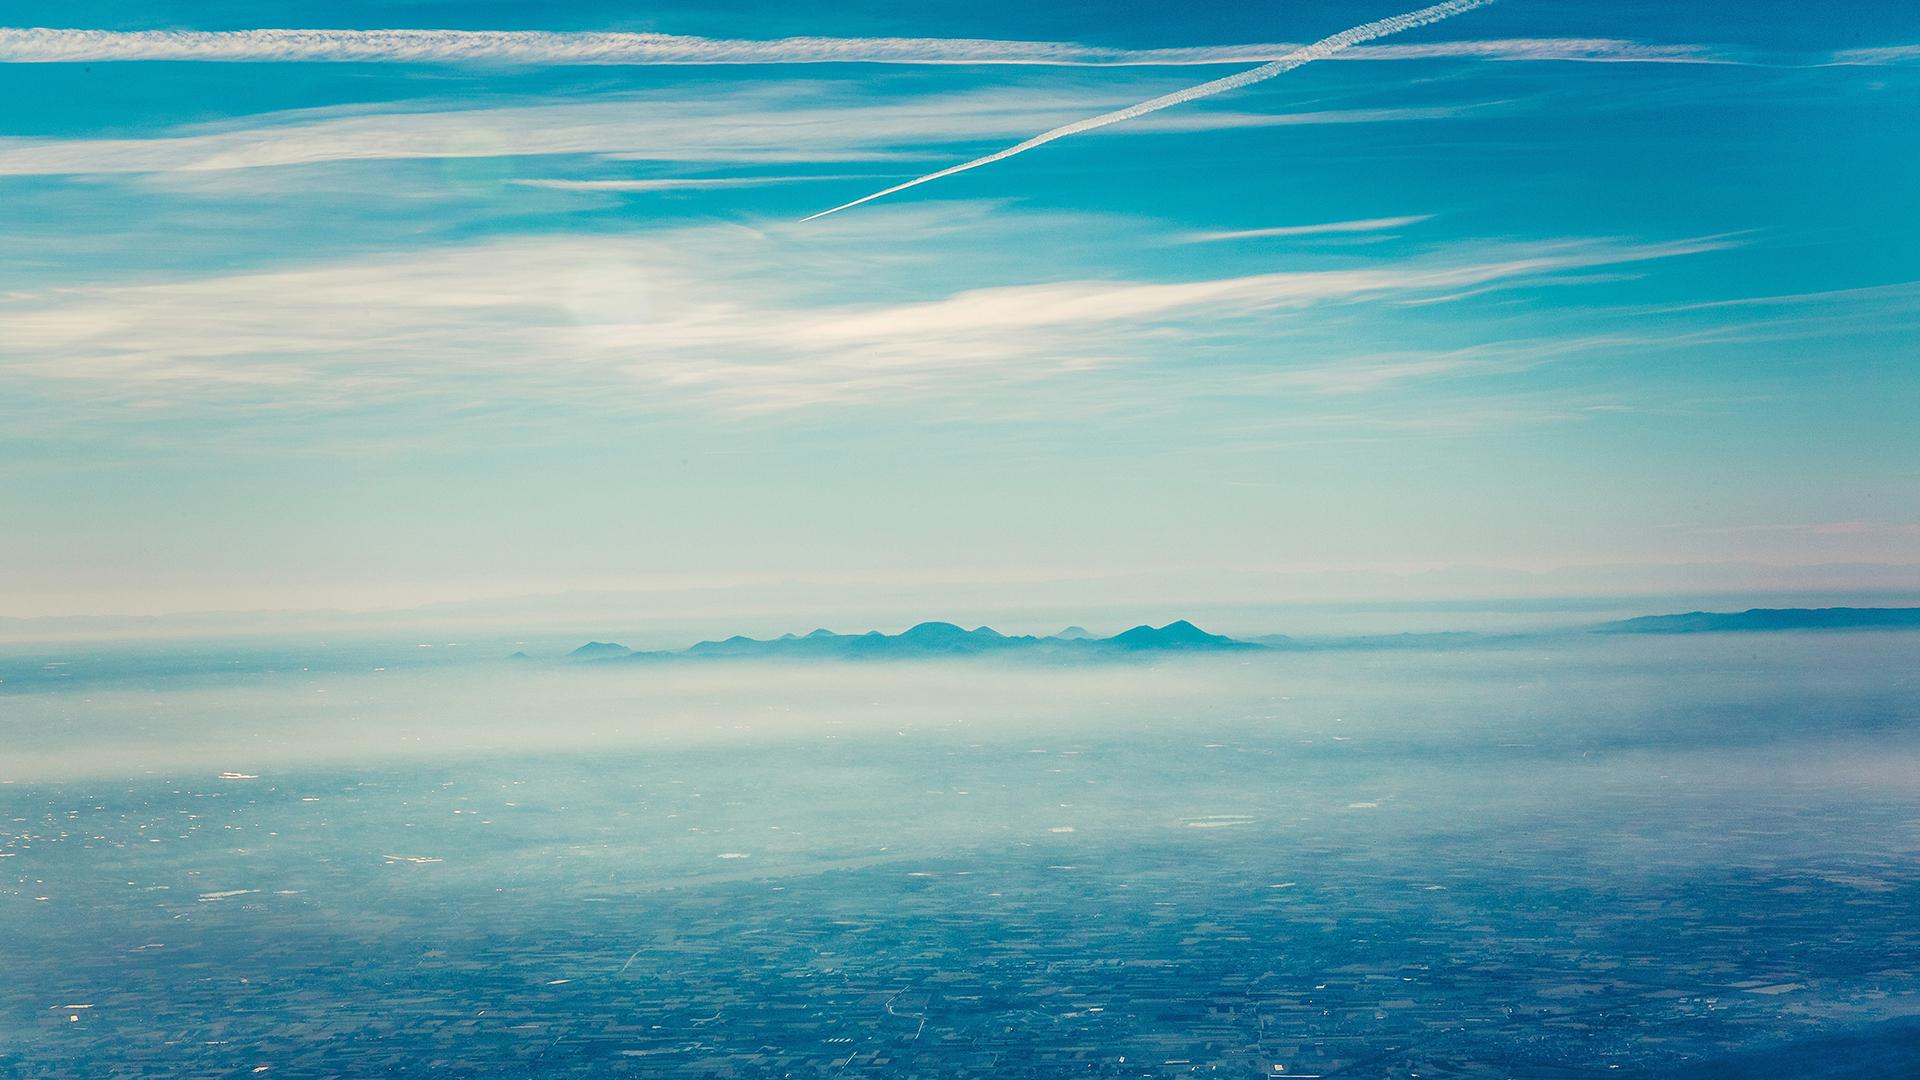 蔚蓝色的天空美景电脑桌面图片